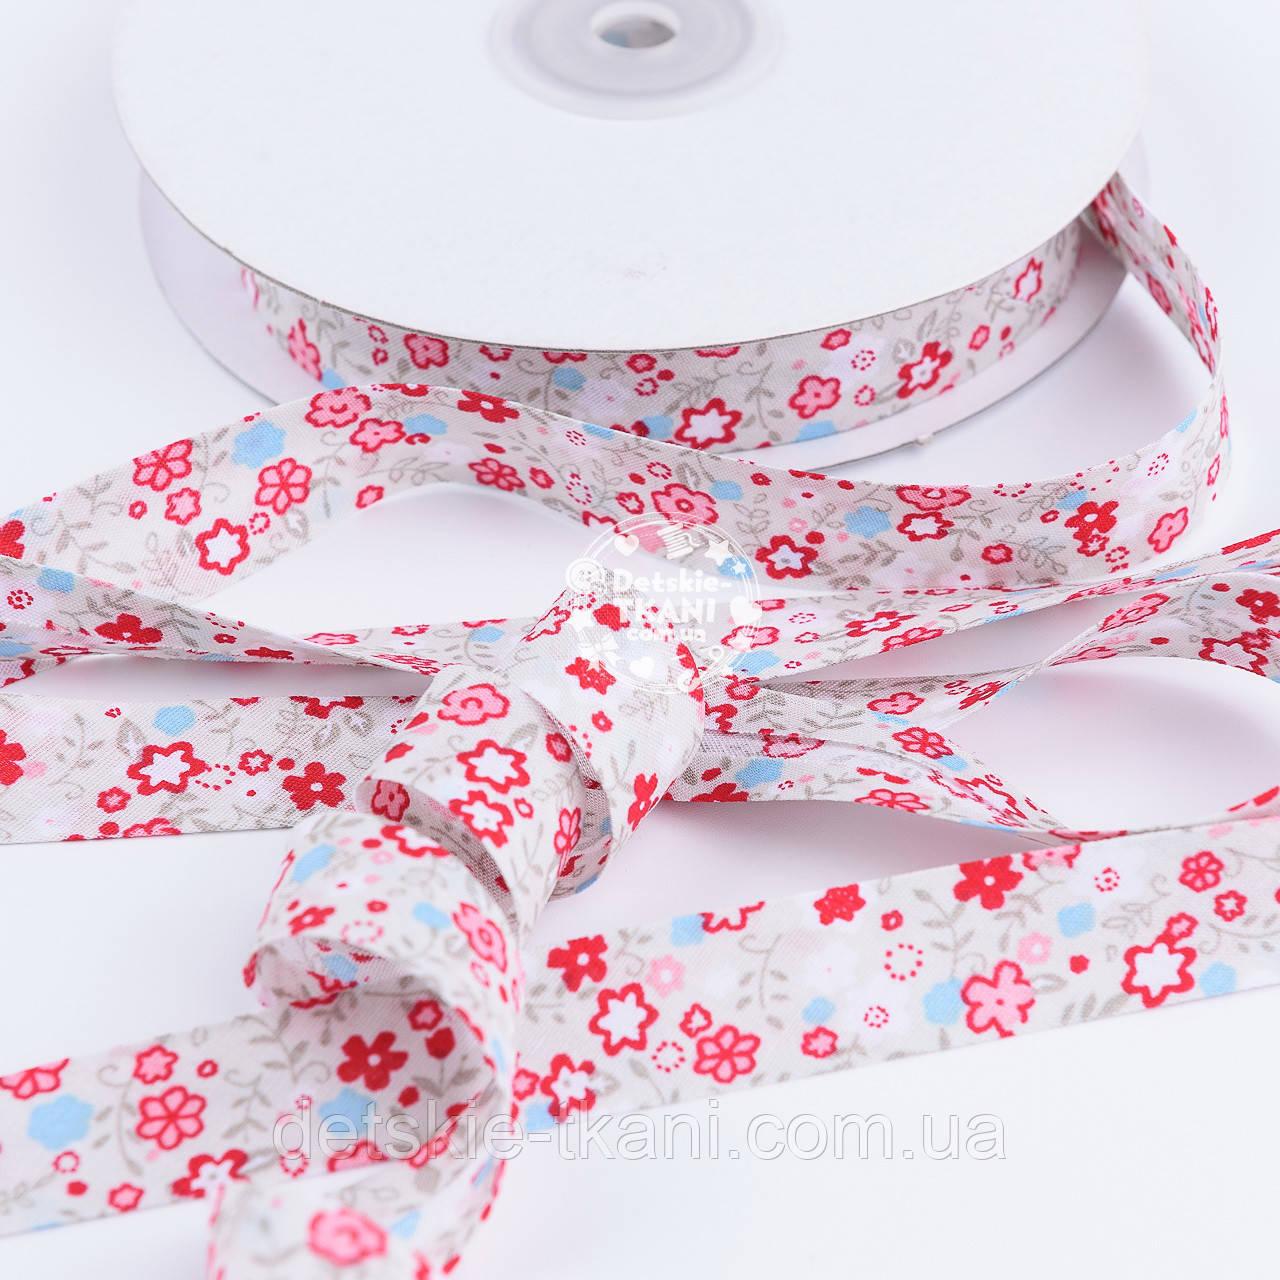 Косая бейка из хлопка с красными цветочками, ширина 15 мм.